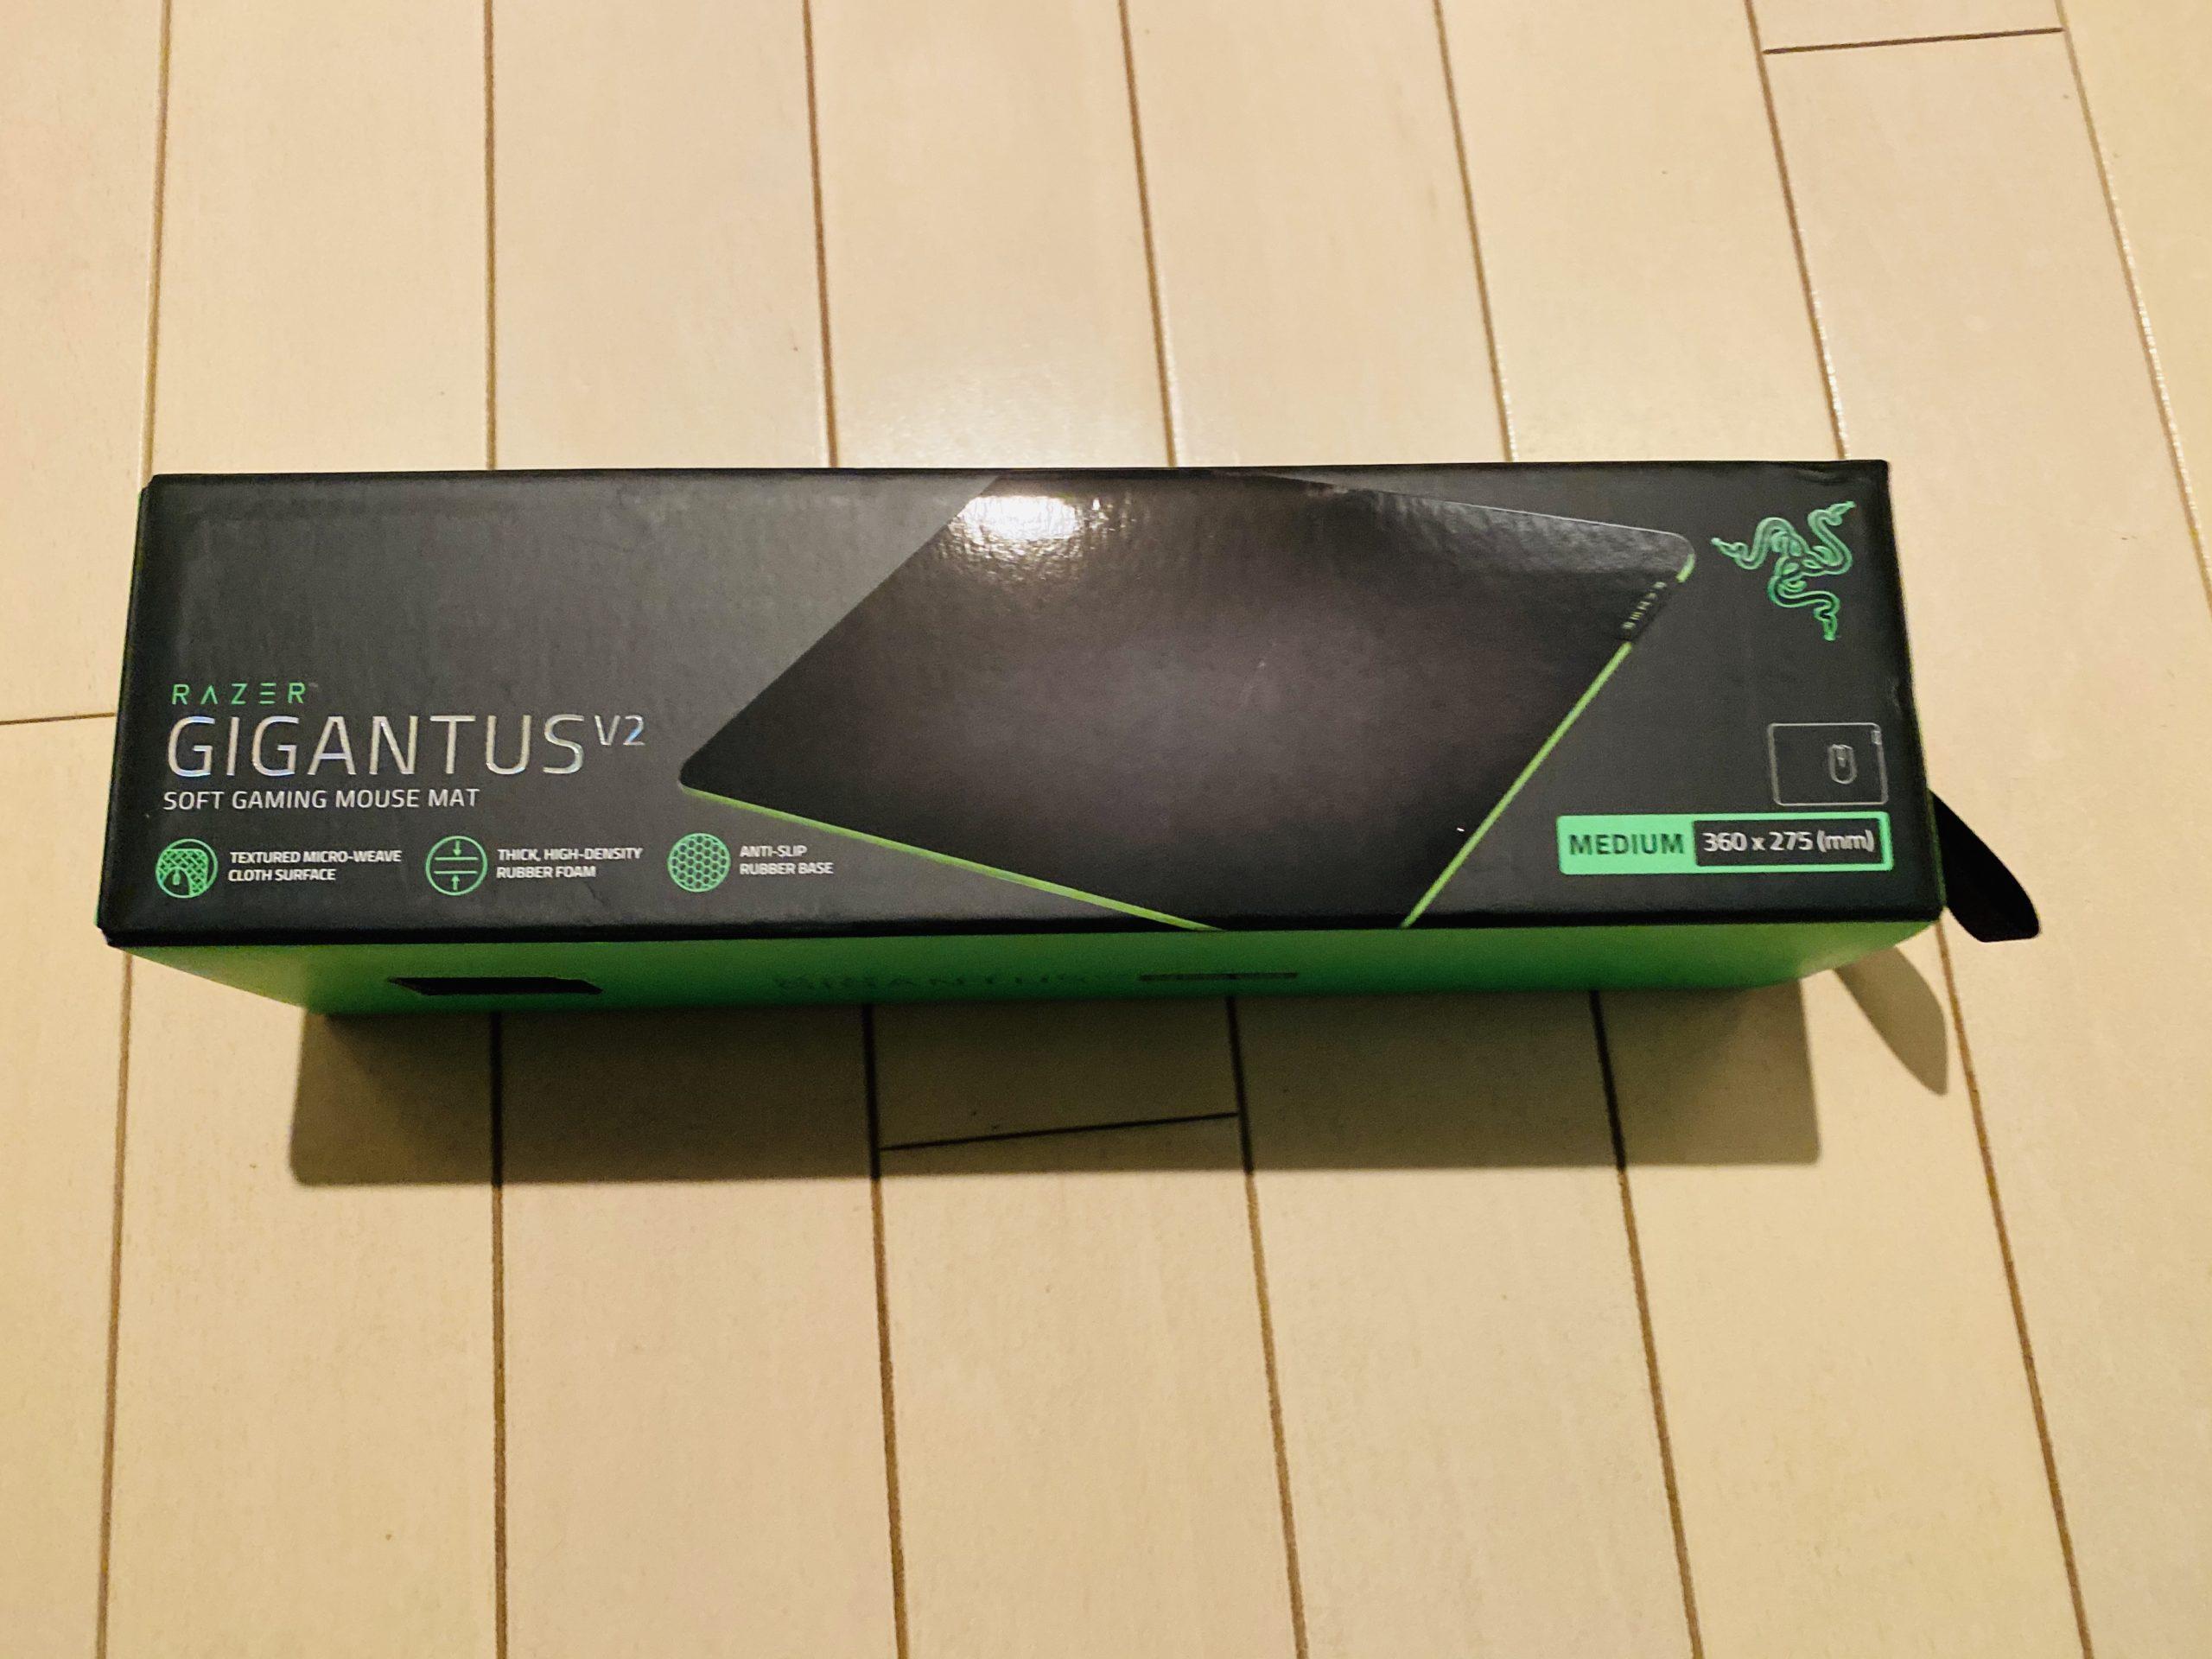 Razer Gigantus V2 – M ゲーミングマウスパッド箱